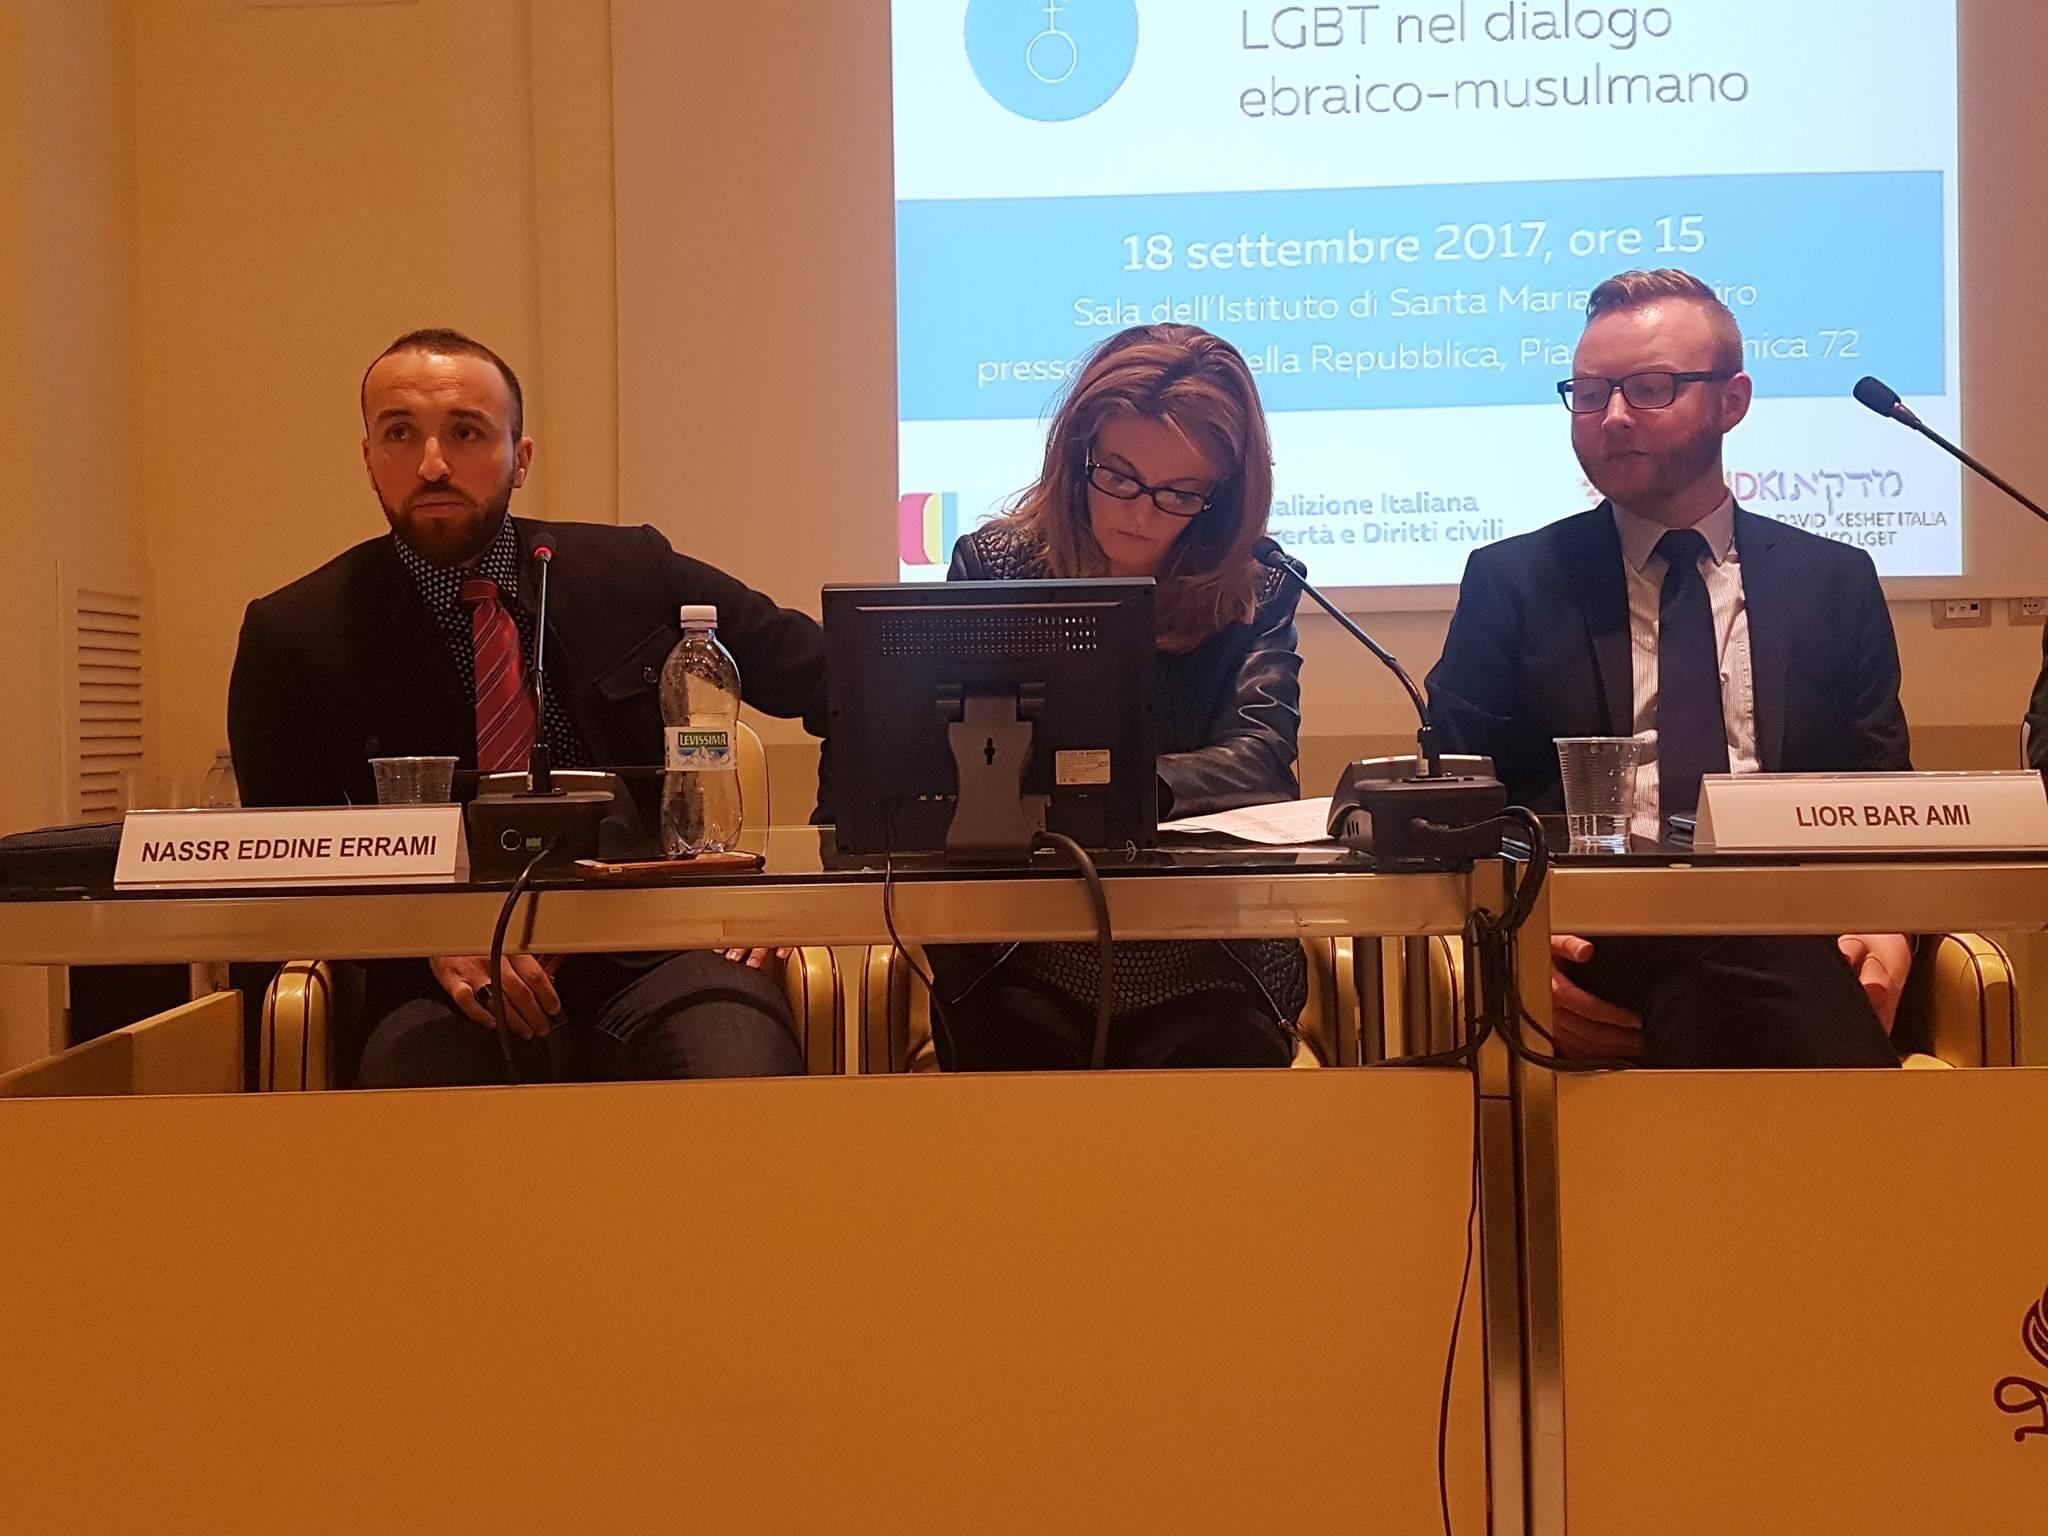 Nassr Eddine Errami e Lior Bar Ami intervengono durante il convegno